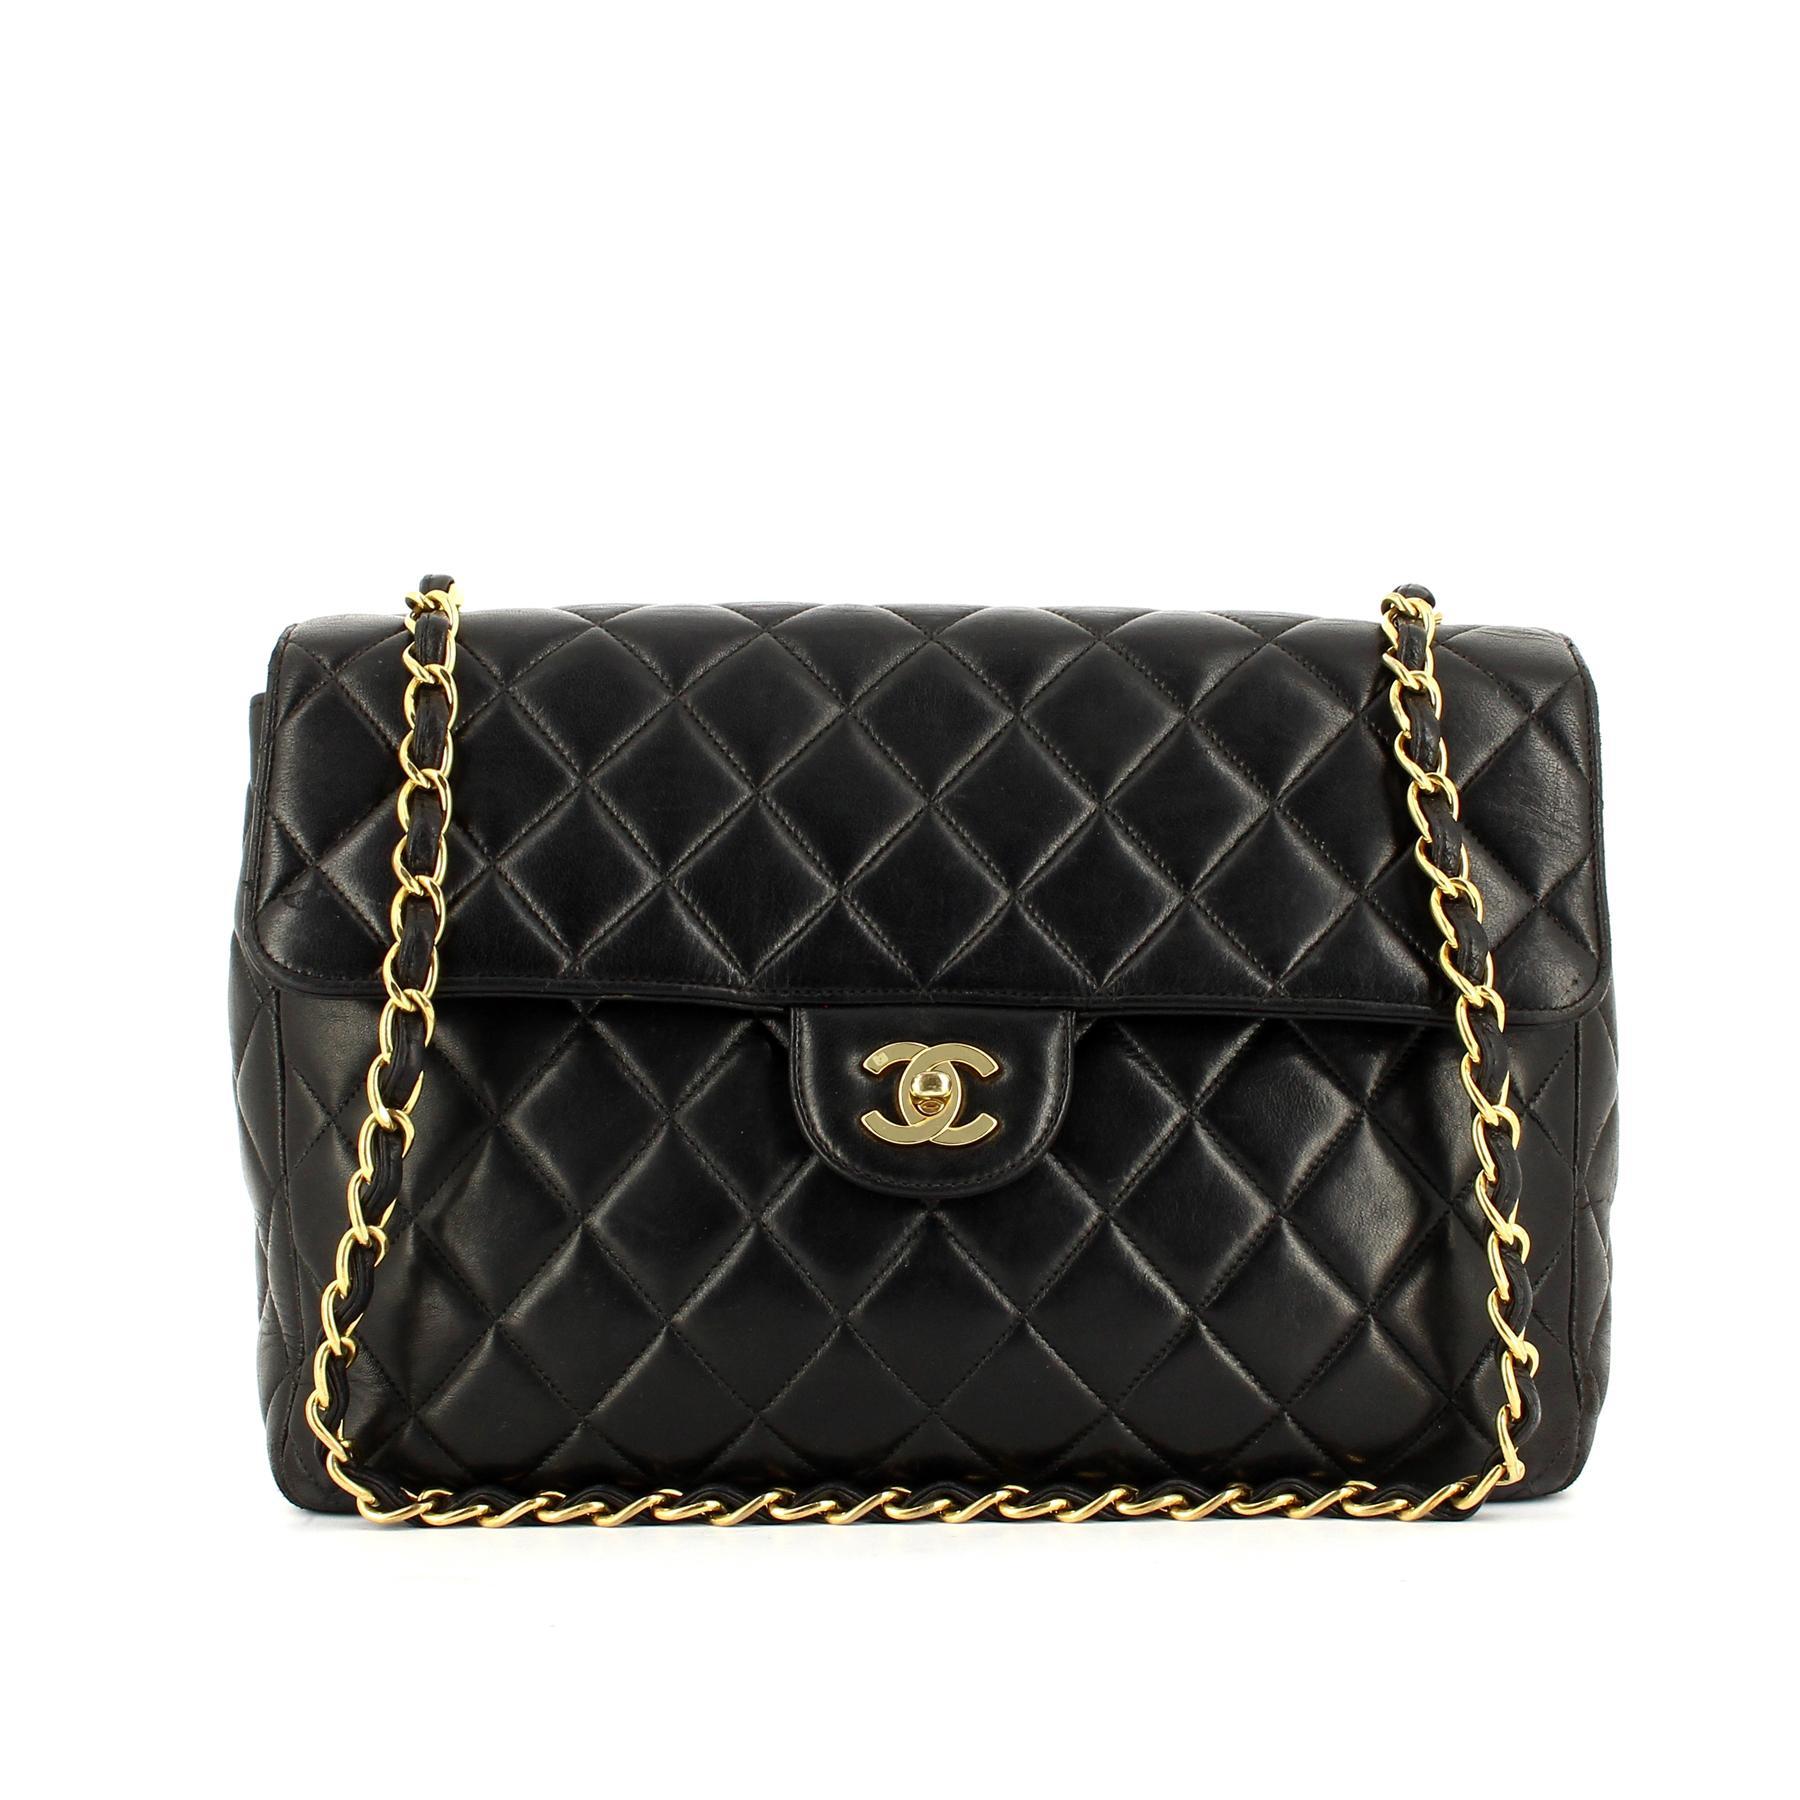 4fcdf41998 Toute l'éternité dans le sac classique de Chanel - Madame Figaro